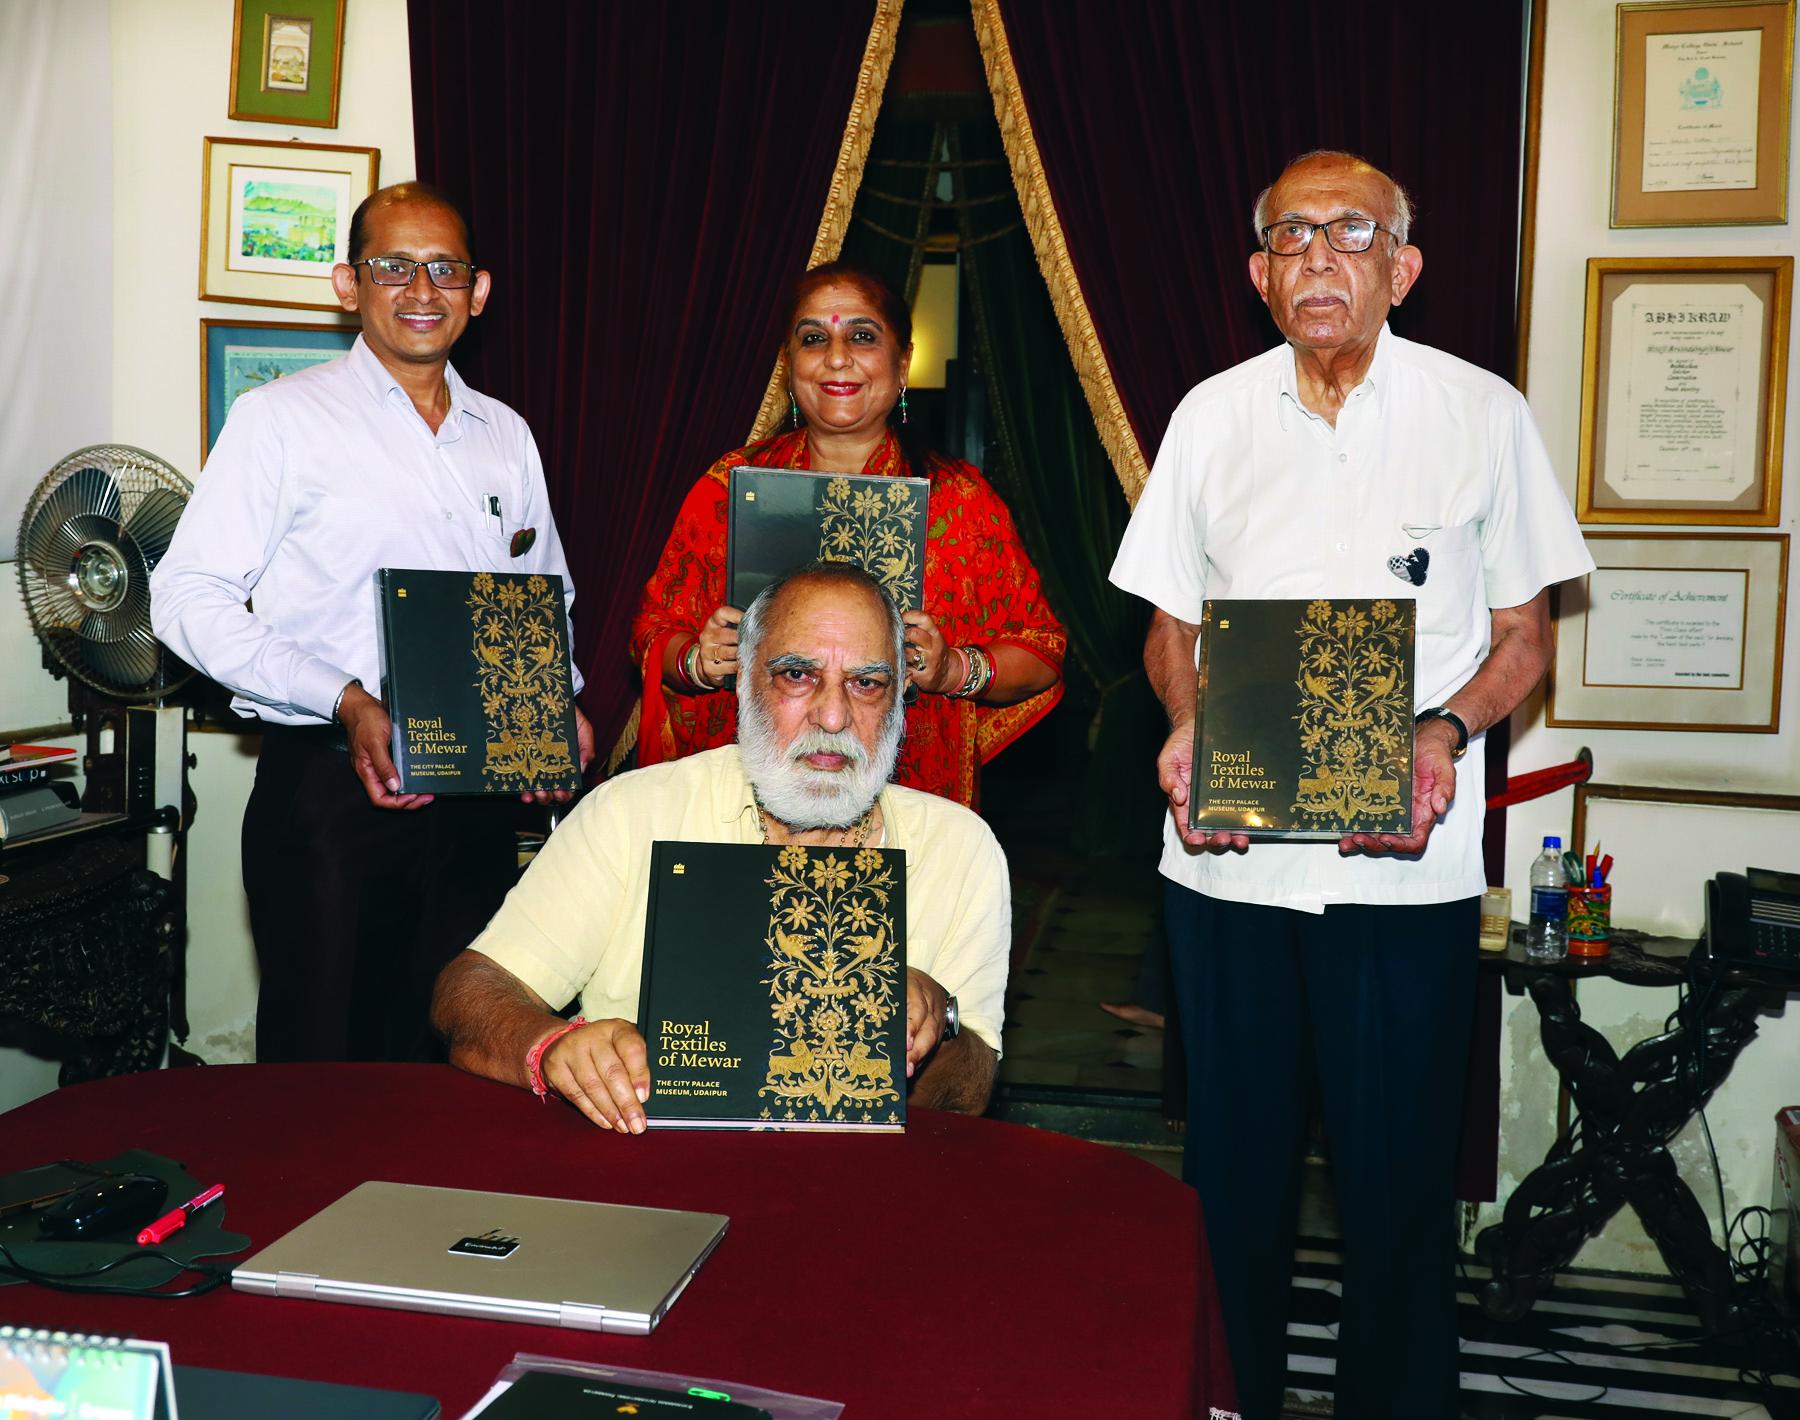 'रॉयल टेक्सटाइल्स ऑफ मेवाड' पुस्तक का श्रीजी अरविन्द सिंह मेवाड ने किया विमोचन